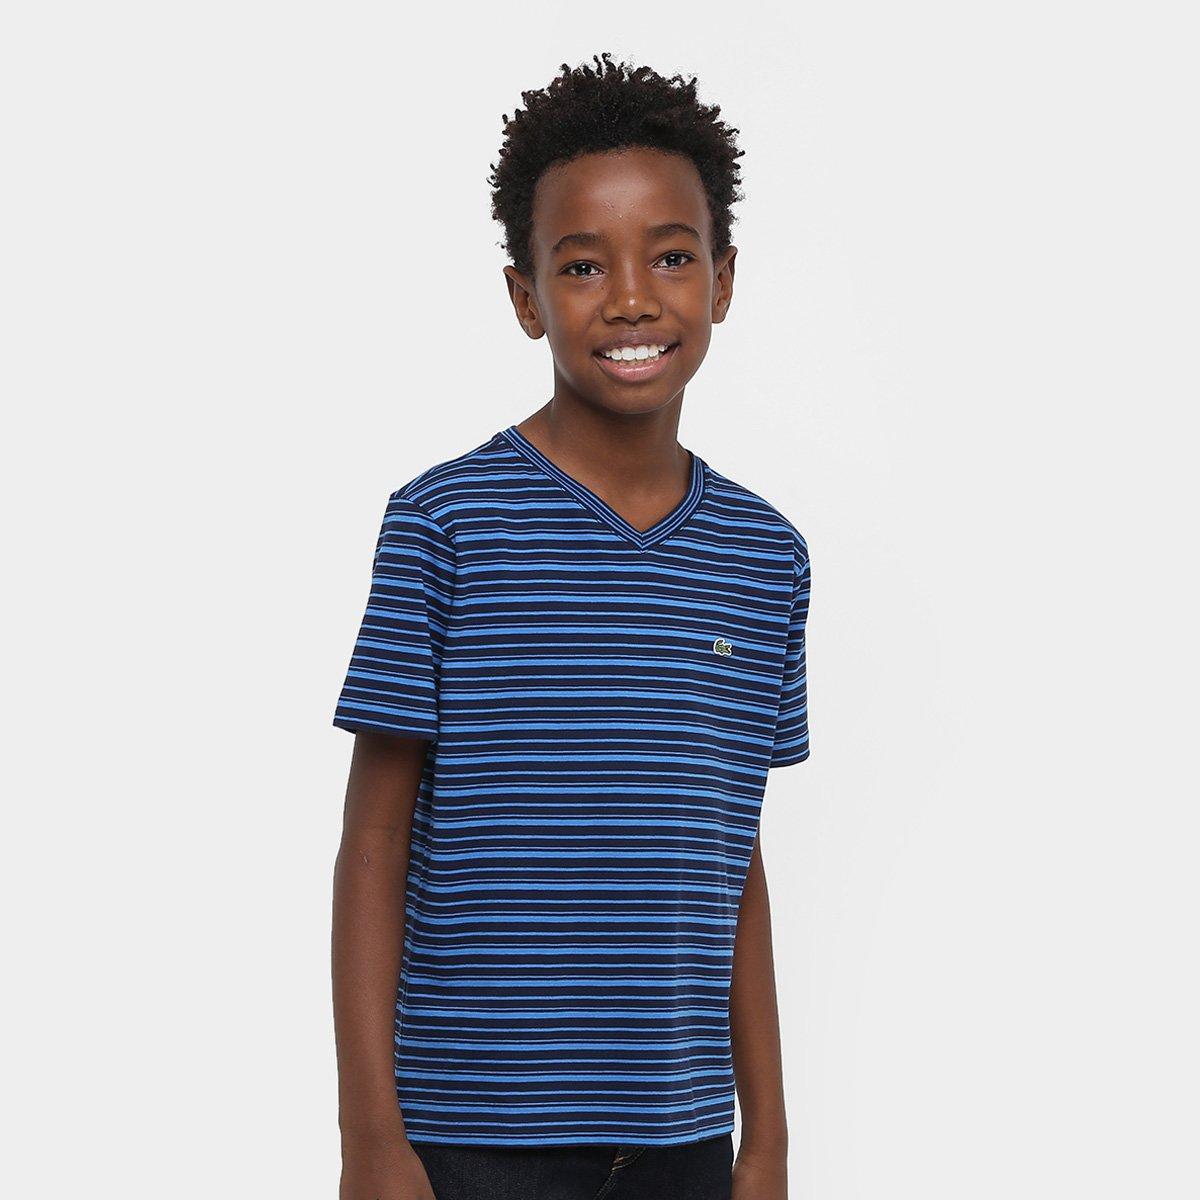 b452b634caa Camiseta Lacoste Gola V Listrada Infantil - Compre Agora